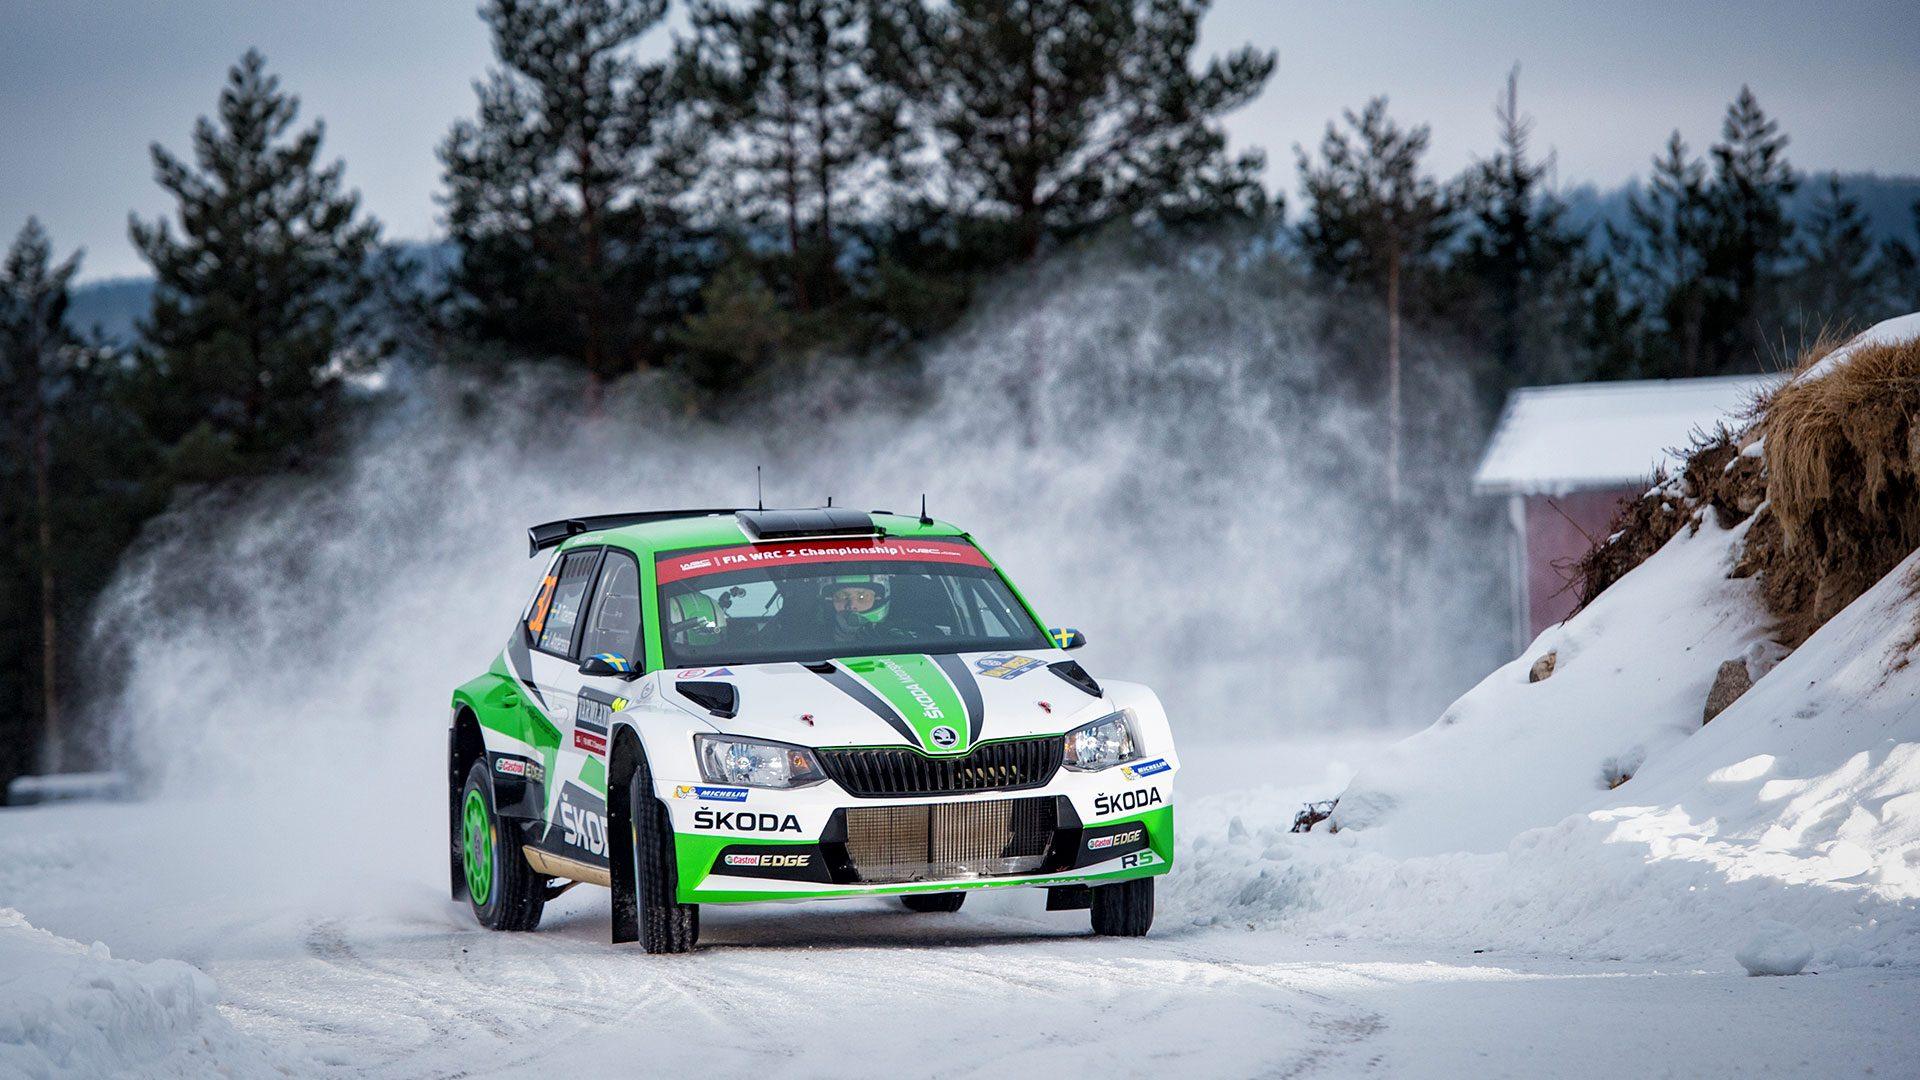 Vilka minnen man har från WRC Rally 2017